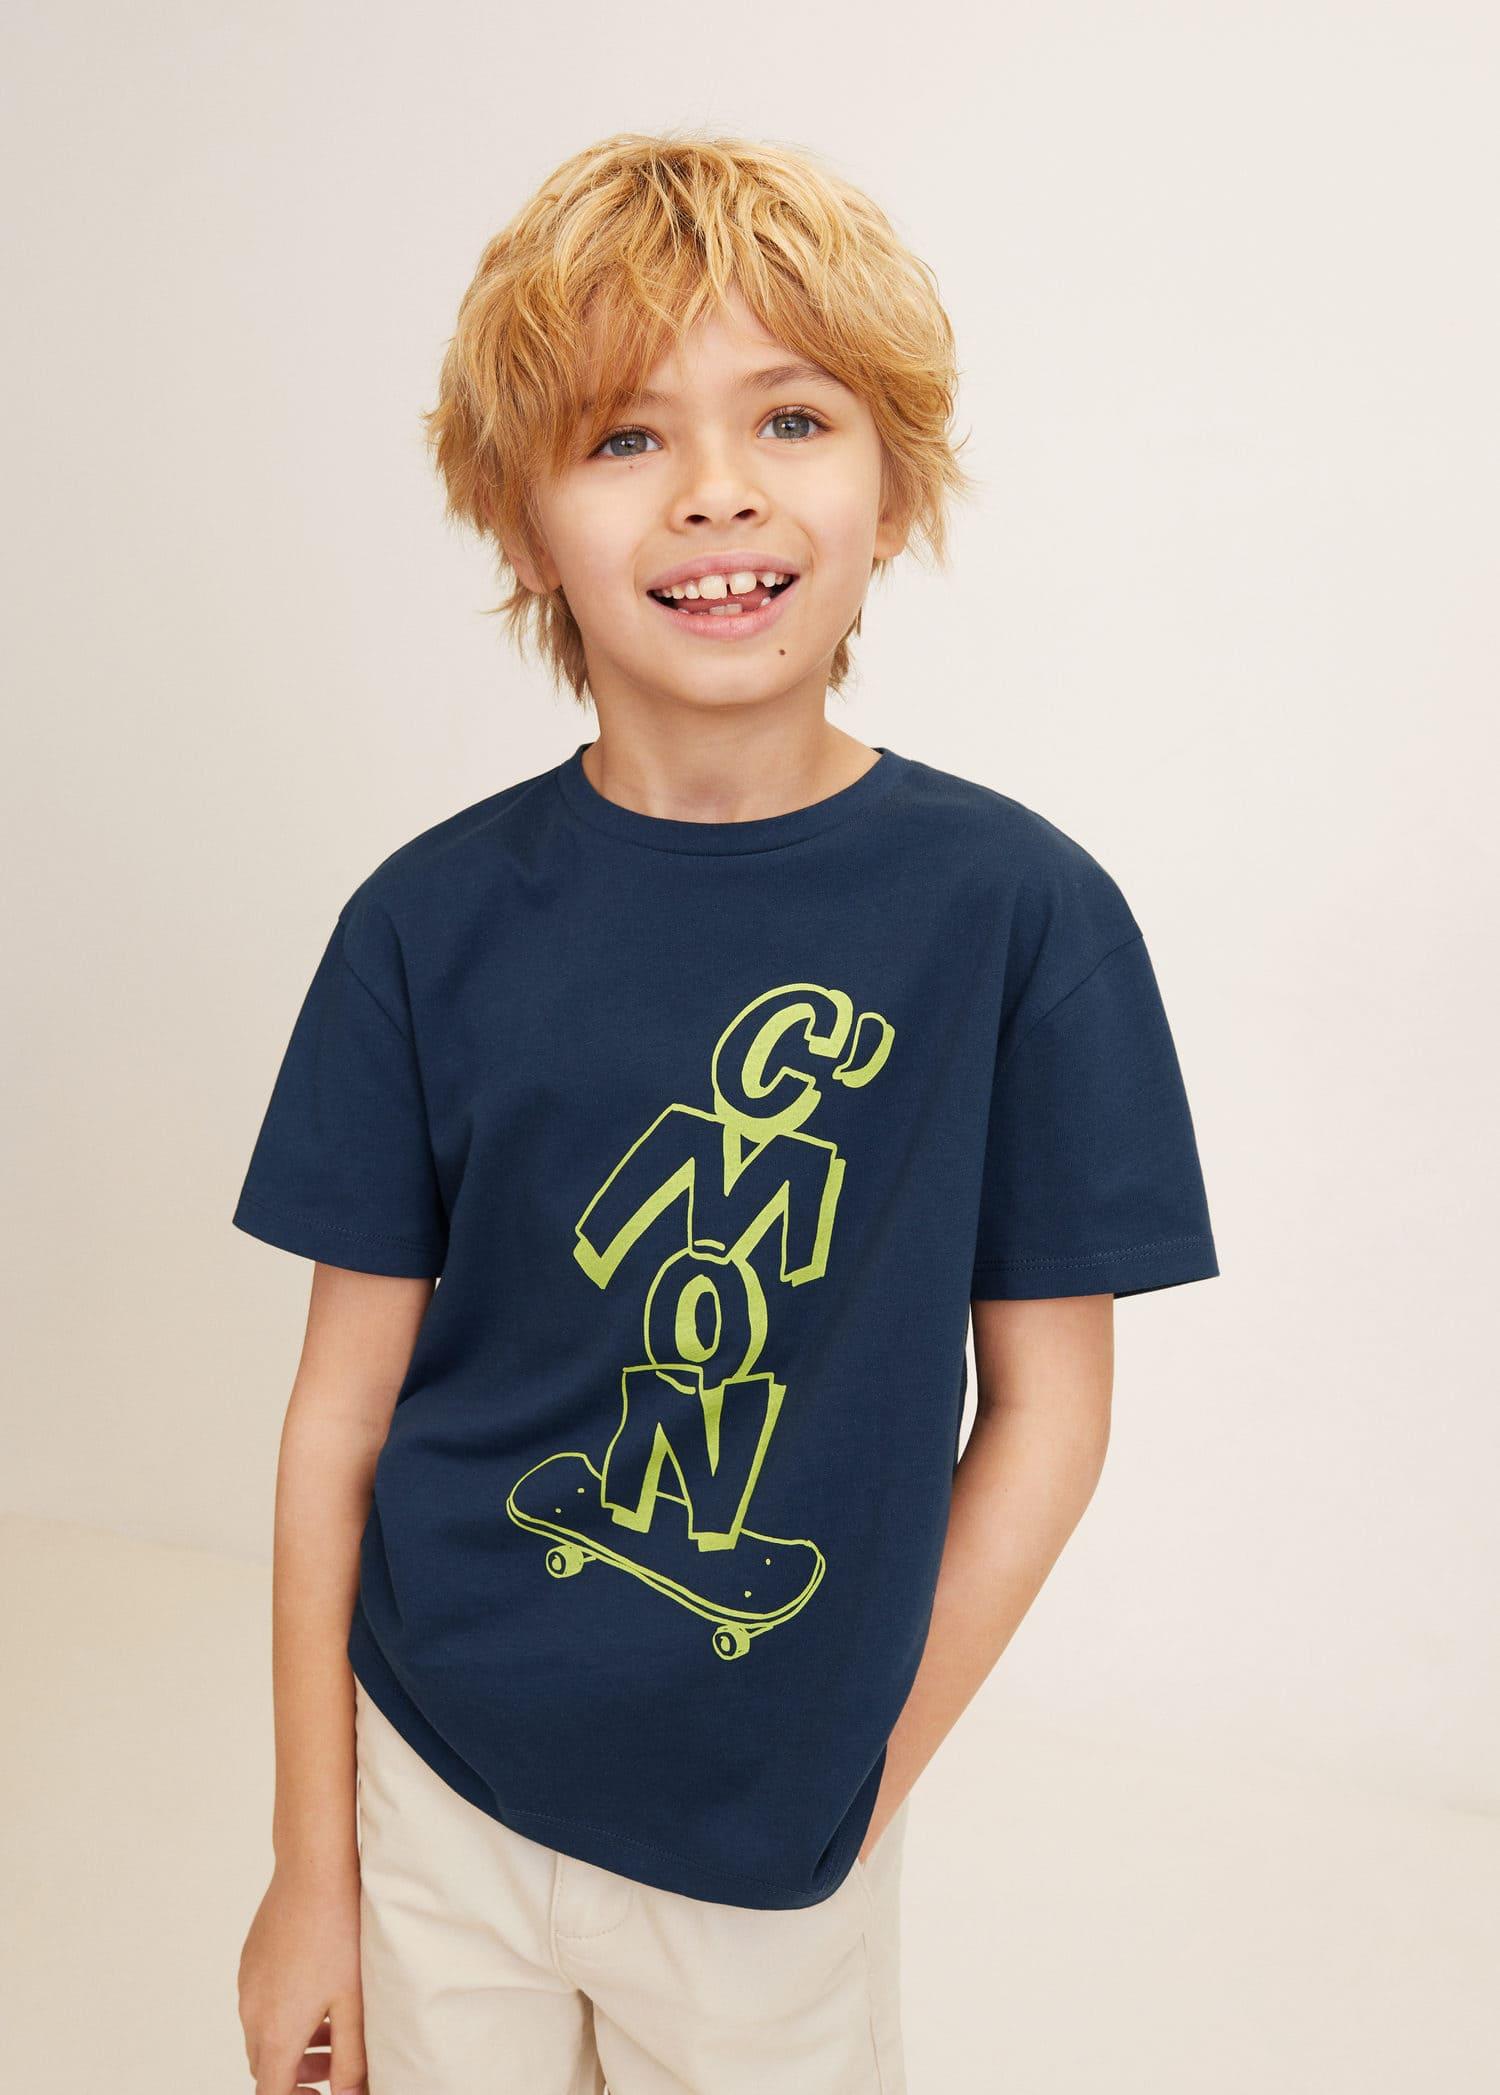 Mønstrete t skjorte i bomull Gutt   OUTLET Norge